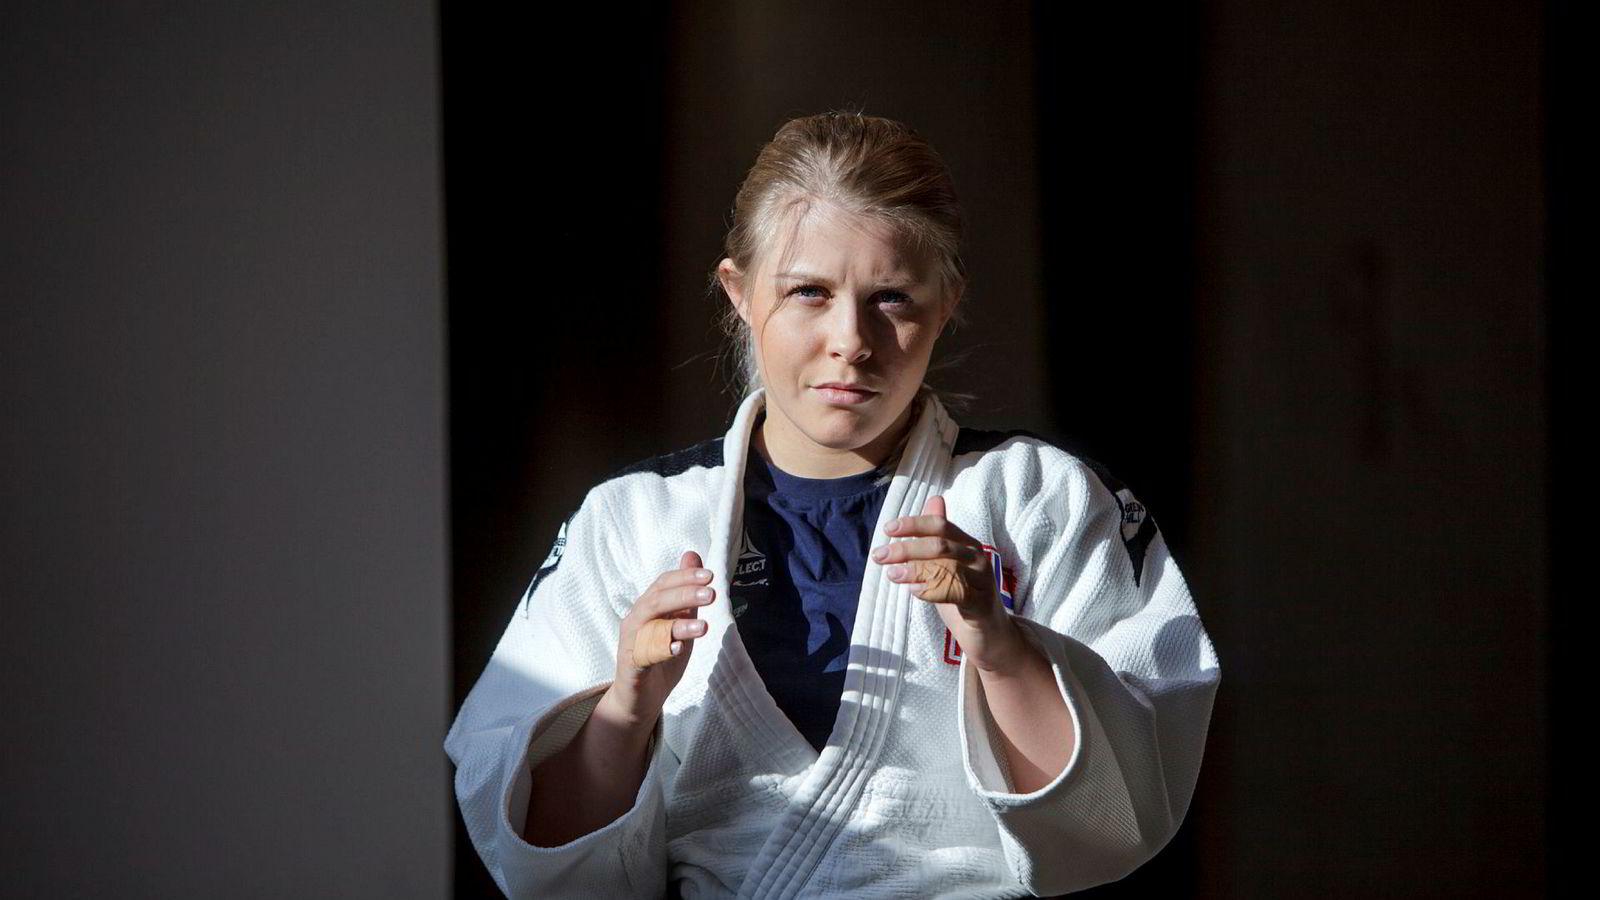 Thea Lillegaard ble nordisk mester, men måtte jobbe for mye og gikk på en smell før kvalifiseringen til EM som junior.